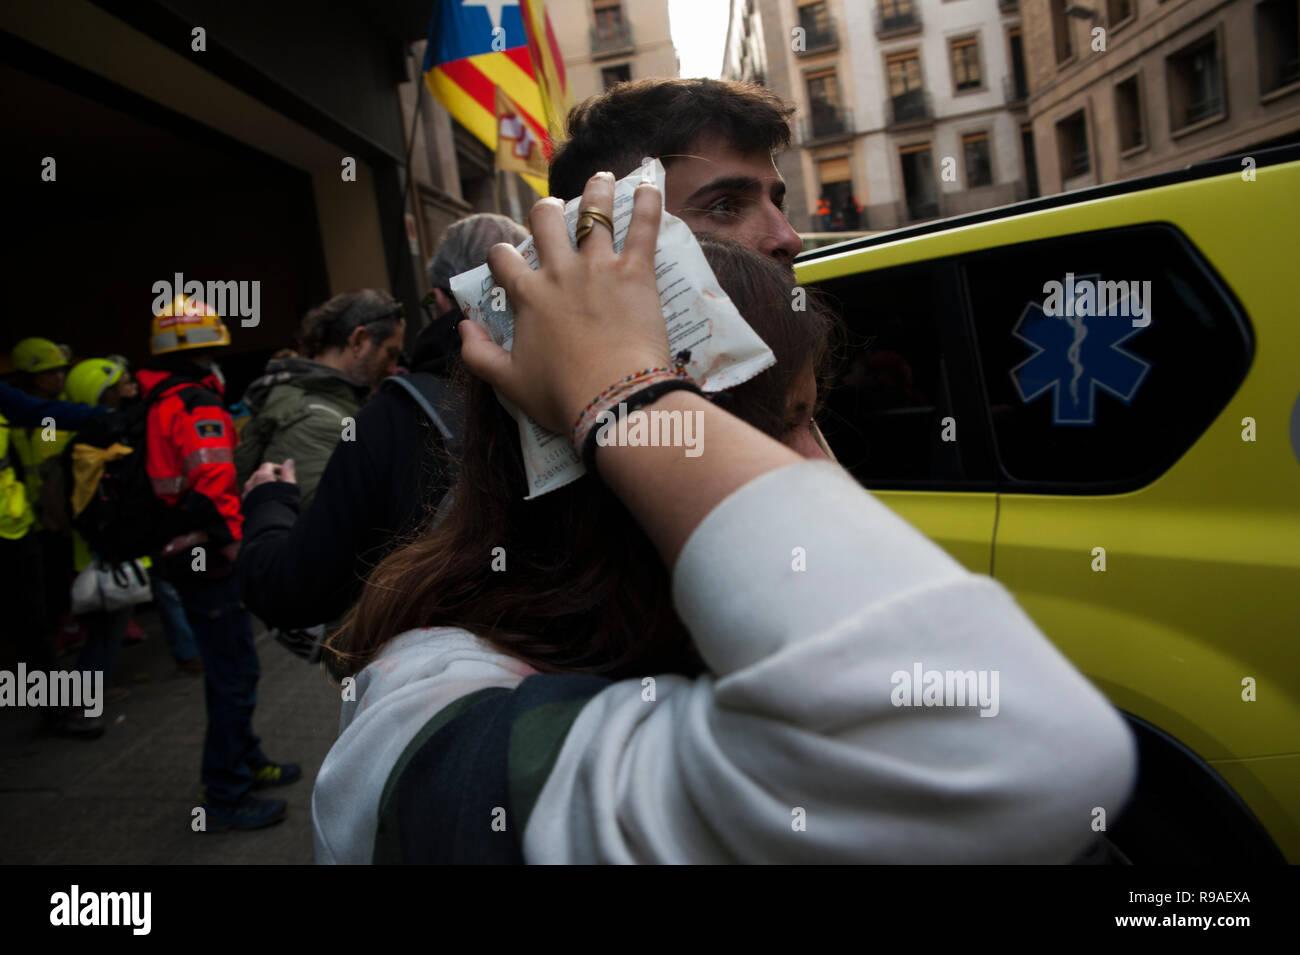 Barcellona 21 dicembre, 2018. Gli attivisti catalano a favore dell'indipendenza protesta di fronte al palazzo del 'Llotja de Mar' a Barcellona, dove il Consiglio dei ministri ha incontrato in modo straordinario. La riunione del Consiglio dei ministri avrà luogo in Catalogna appena un anno dopo le elezioni regionali convocata dal governo precedente a norma dell'articolo 155 della Costituzione. Charlie Perez/Alamy Live News Foto Stock